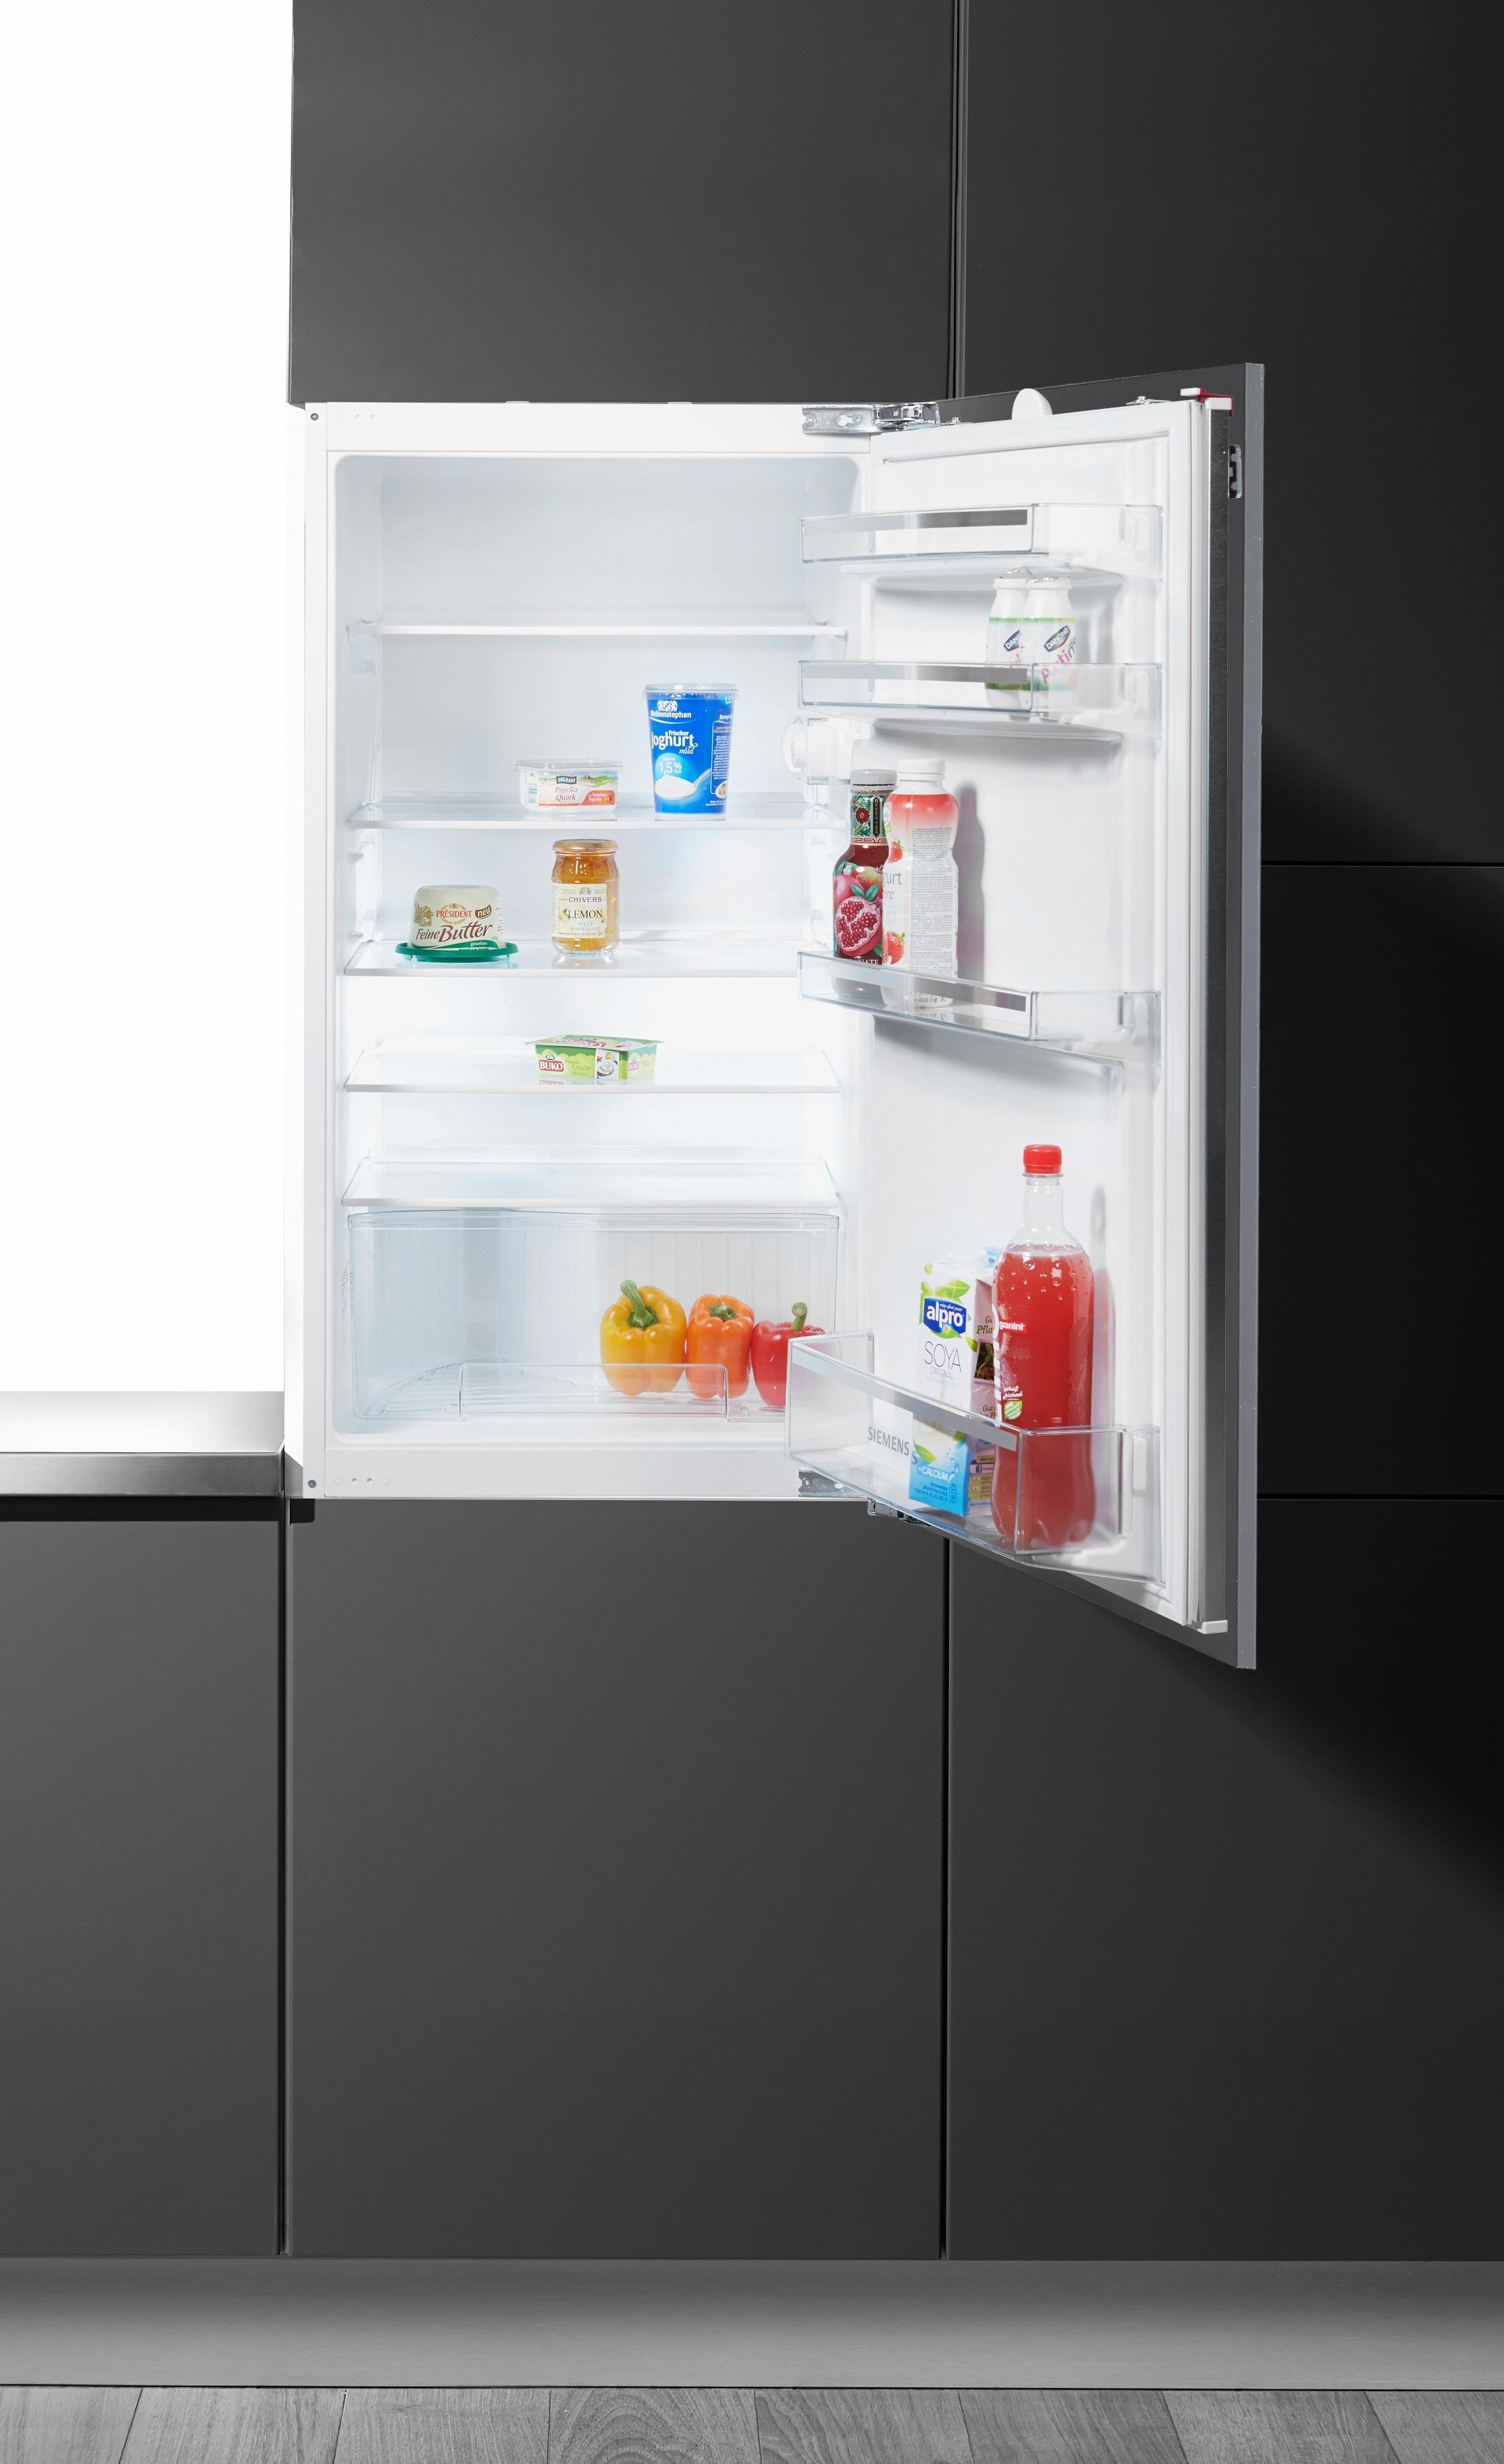 SIEMENS Einbaukühlschrank 1021 cm hoch 541 cm breit | Küche und Esszimmer > Küchenelektrogeräte > Kühlschränke | Weiß | Siemens